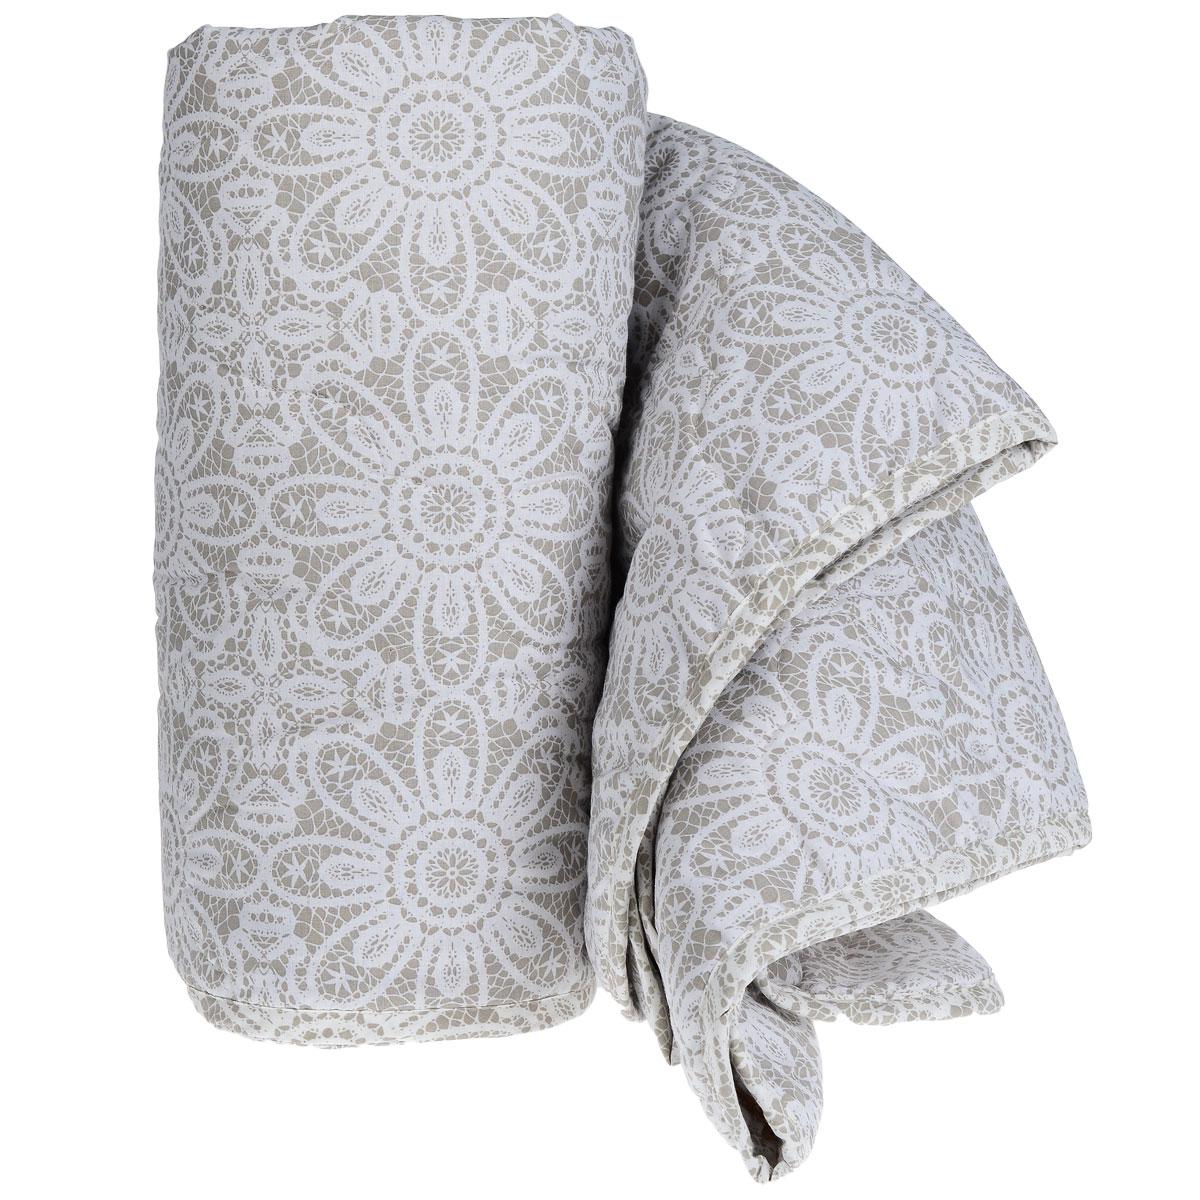 Одеяло летнее Green Line, наполнитель: льняное волокно, 140 см х 205 см189234Летнее одеяло Green Line подарит незабываемое чувство комфорта и уюта во время сна. Верх выполнен из ранфорса (100% хлопок) с красивым рисунком, напоминающим кружево. Внутри - наполнитель из льняного волокна. Это экологически чистый натуральный материал, который позаботится о вашем здоровье и подарит комфортный сон. Лен обладает уникальными свойствами: он холодит в жару и согревает в холод, он полезен для здоровья, так как является природным антисептиком. Благодаря пористой структуре, ткань дышит и создается эффект активного дыхания. Стежка и кант по краю не позволяют наполнителю скатываться и равномерно удерживают его внутри. Одеяло легкое и тонкое - оно идеально подойдет для лета, под ним будет прохладно и комфортно спать в жару. Рекомендации по уходу: - запрещается стирка в стиральной машине и вручную, - не отбеливать, - нельзя отжимать и сушить в стиральной машине, - не гладить, - химчистка с мягкими растворителями, - сушить вертикально. Материал чехла: ранфорс (100% хлопок).Наполнитель: лен (натуральное волокно 90%, полиэстер 10%). Размер: 140 см х 205 см.Масса наполнителя: 150 г/м2.